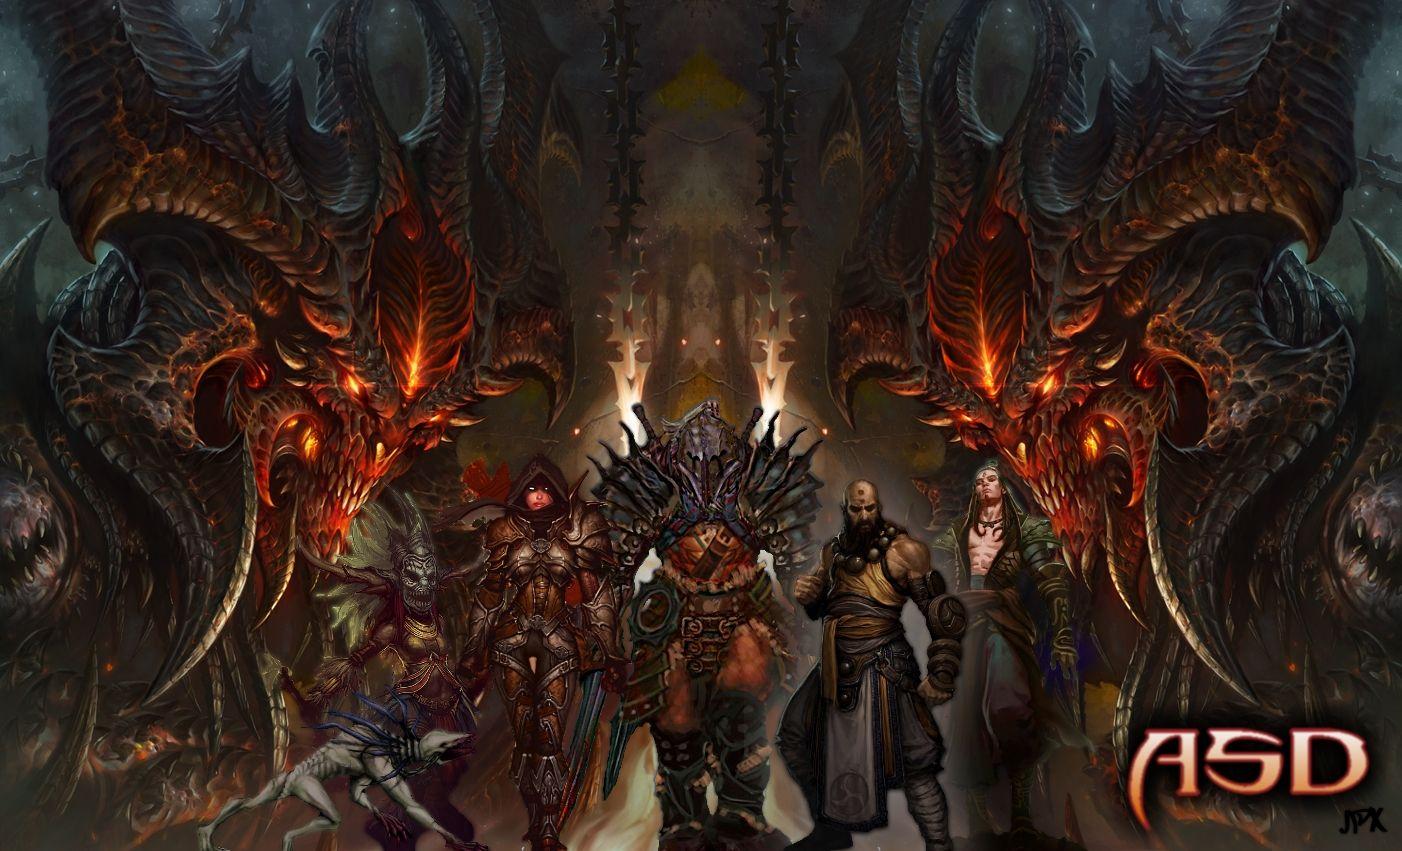 Cool Diablo 3 Wallpaper Diablo 3 Wallpapers Hd